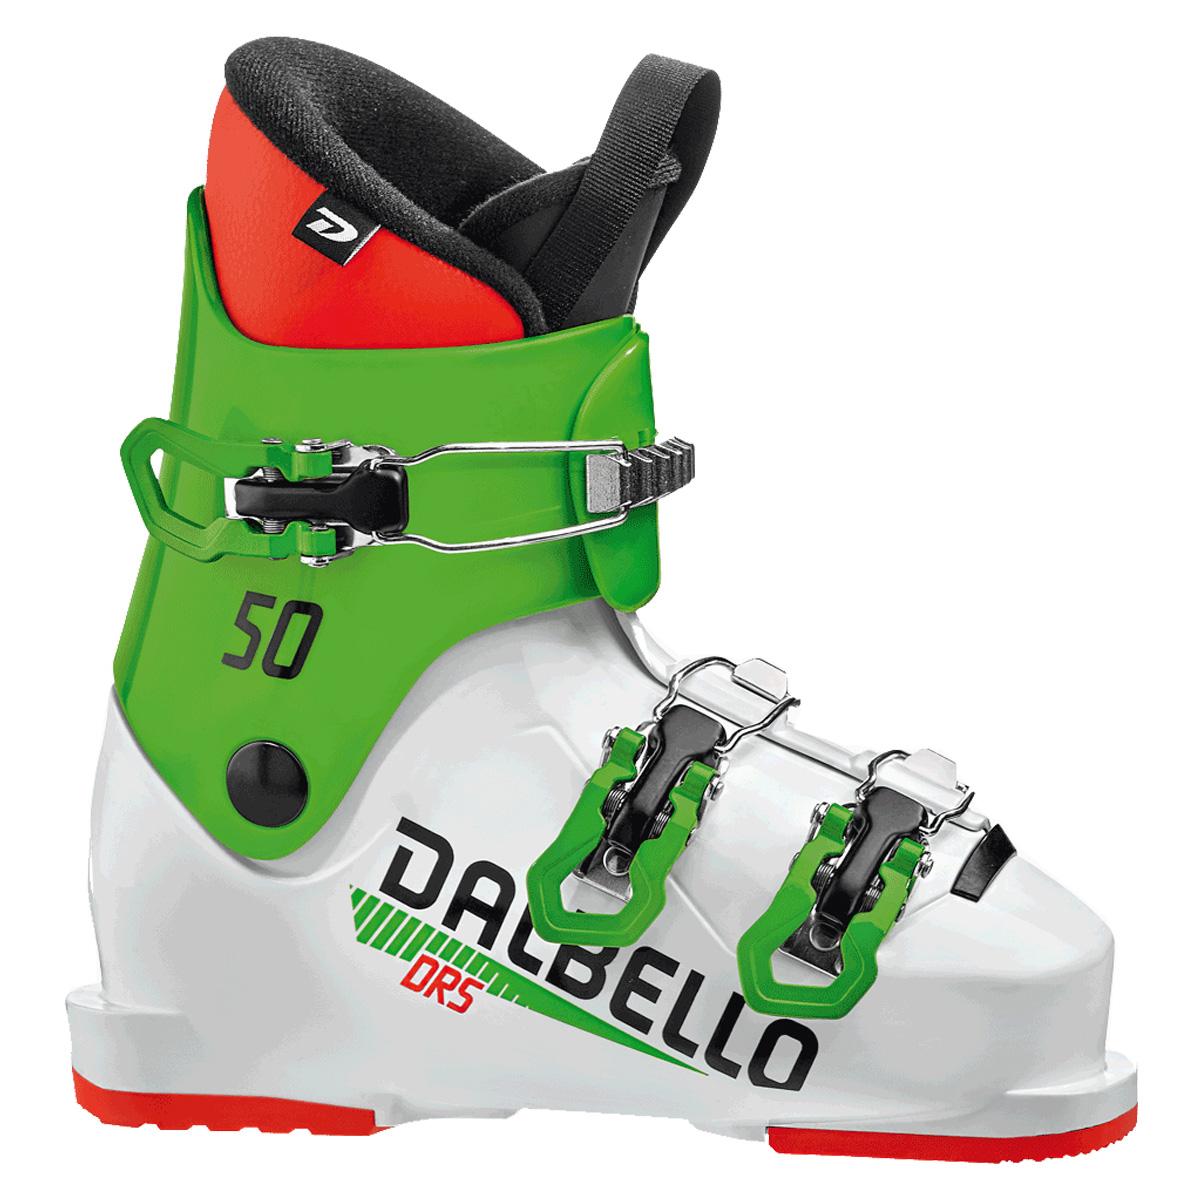 Scarponi sci Dalbello Drs 50 Jr (Colore: white-race green, Taglia: 19)